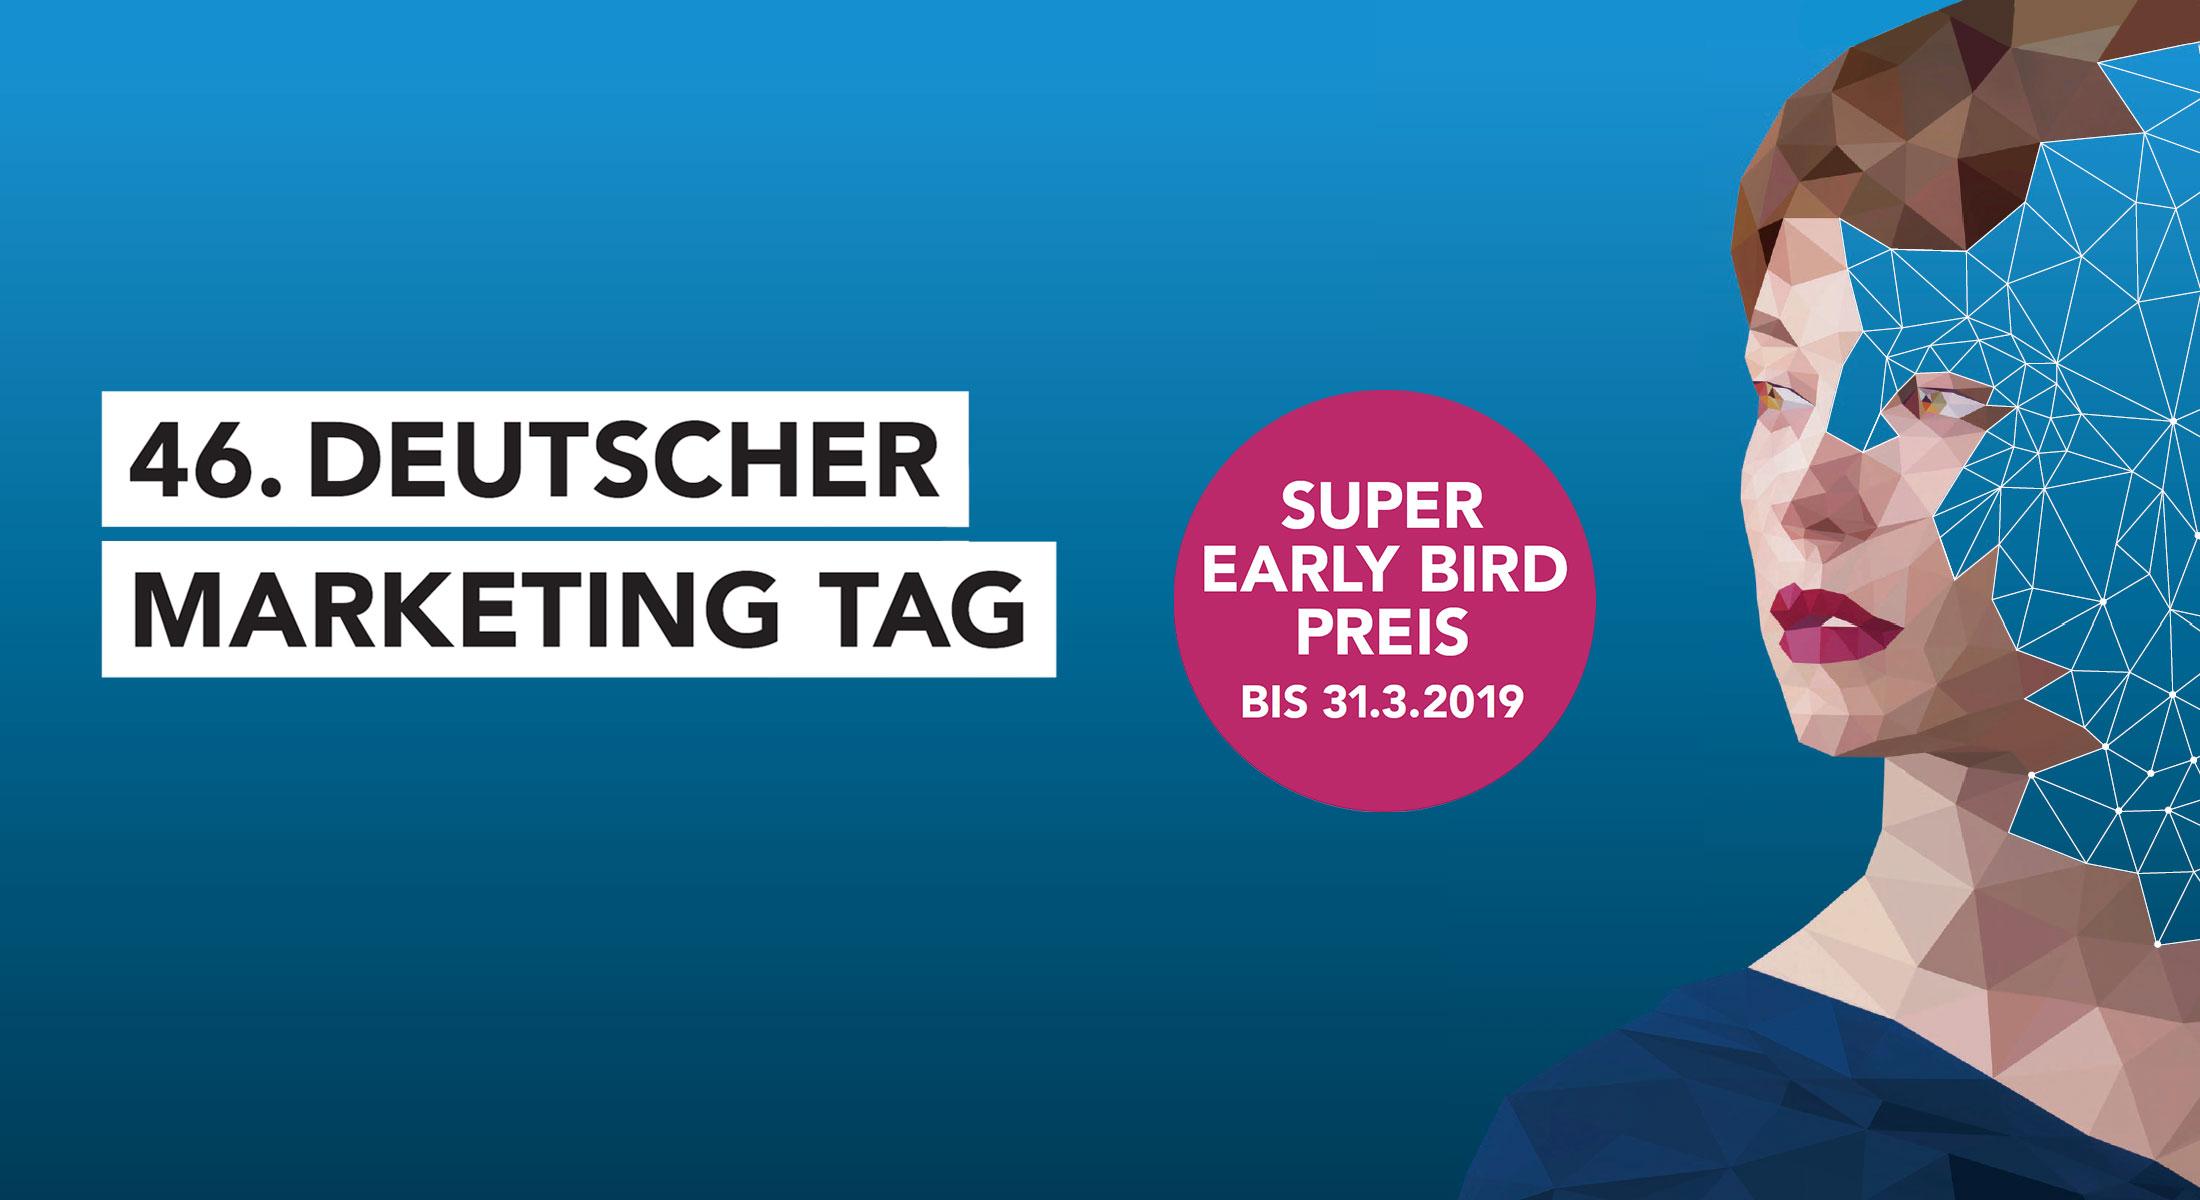 Marketing Club Region Stuttgart-Heilbronn Veranstaltung Deutscher Marketing Tag 2019